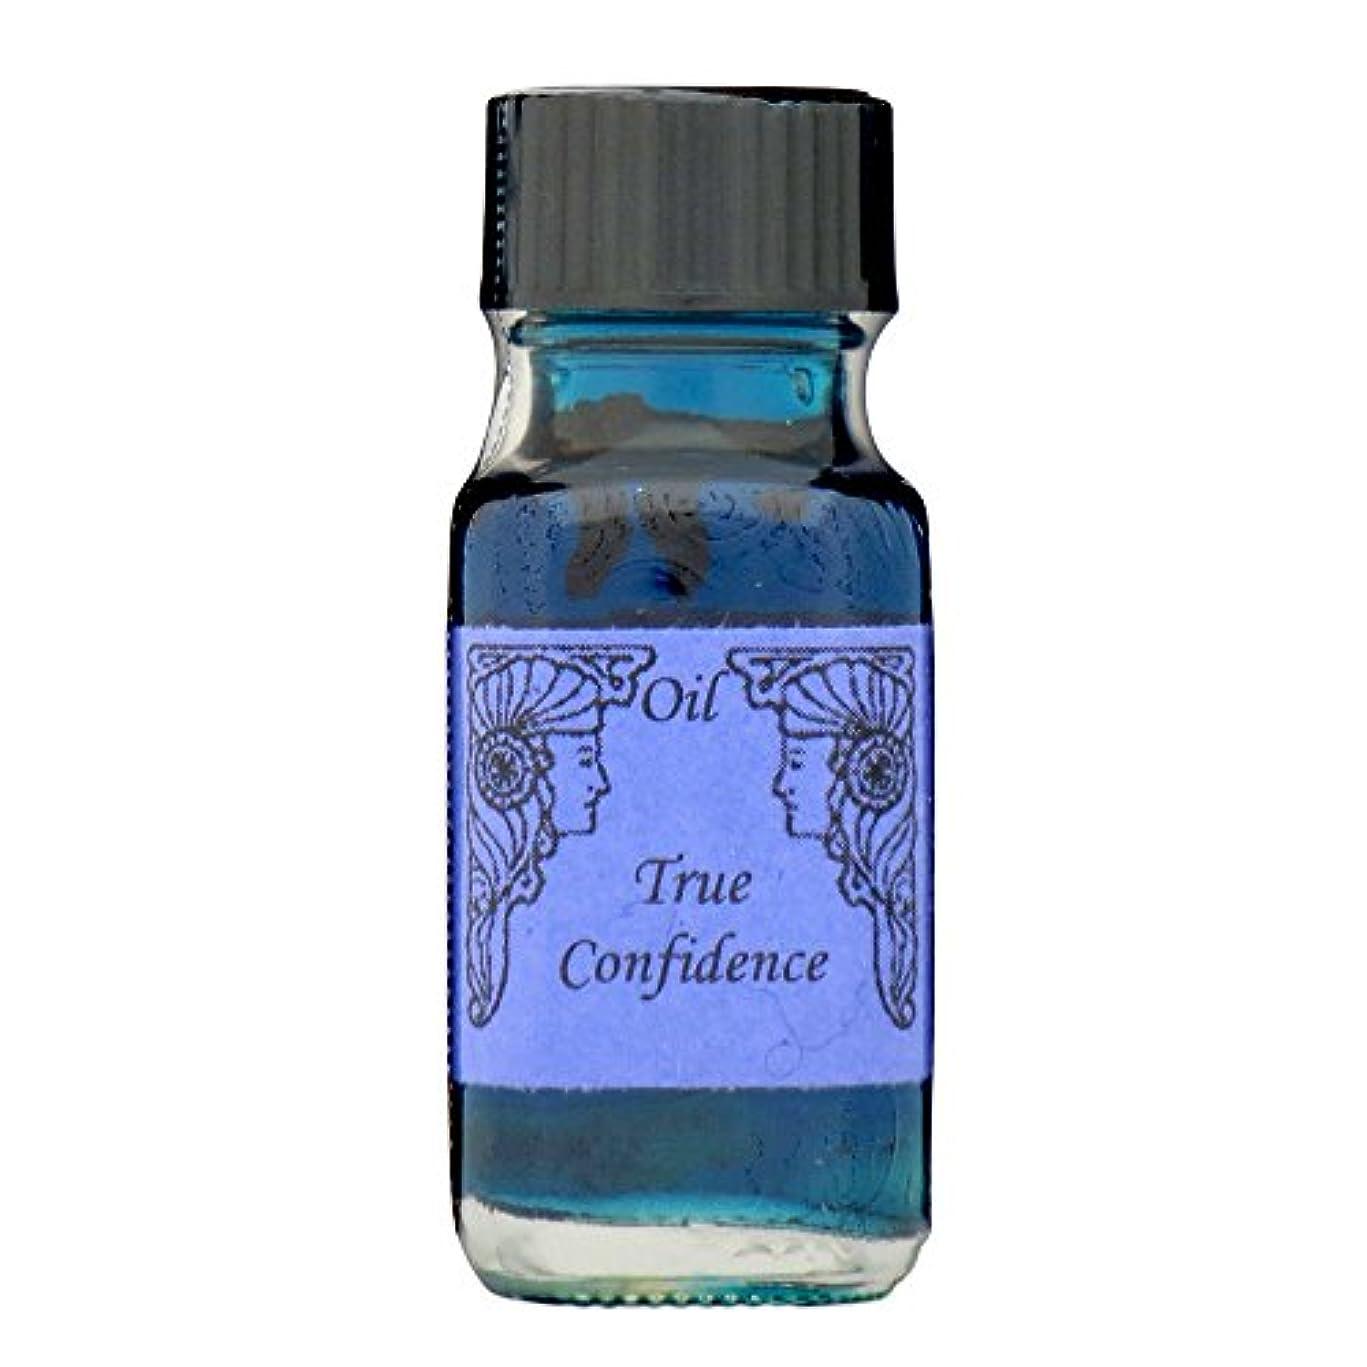 ページ関係ない労働者アンシェントメモリーオイル トゥルーコンフィデンス (真の自信) 15ml (Ancient Memory Oils)